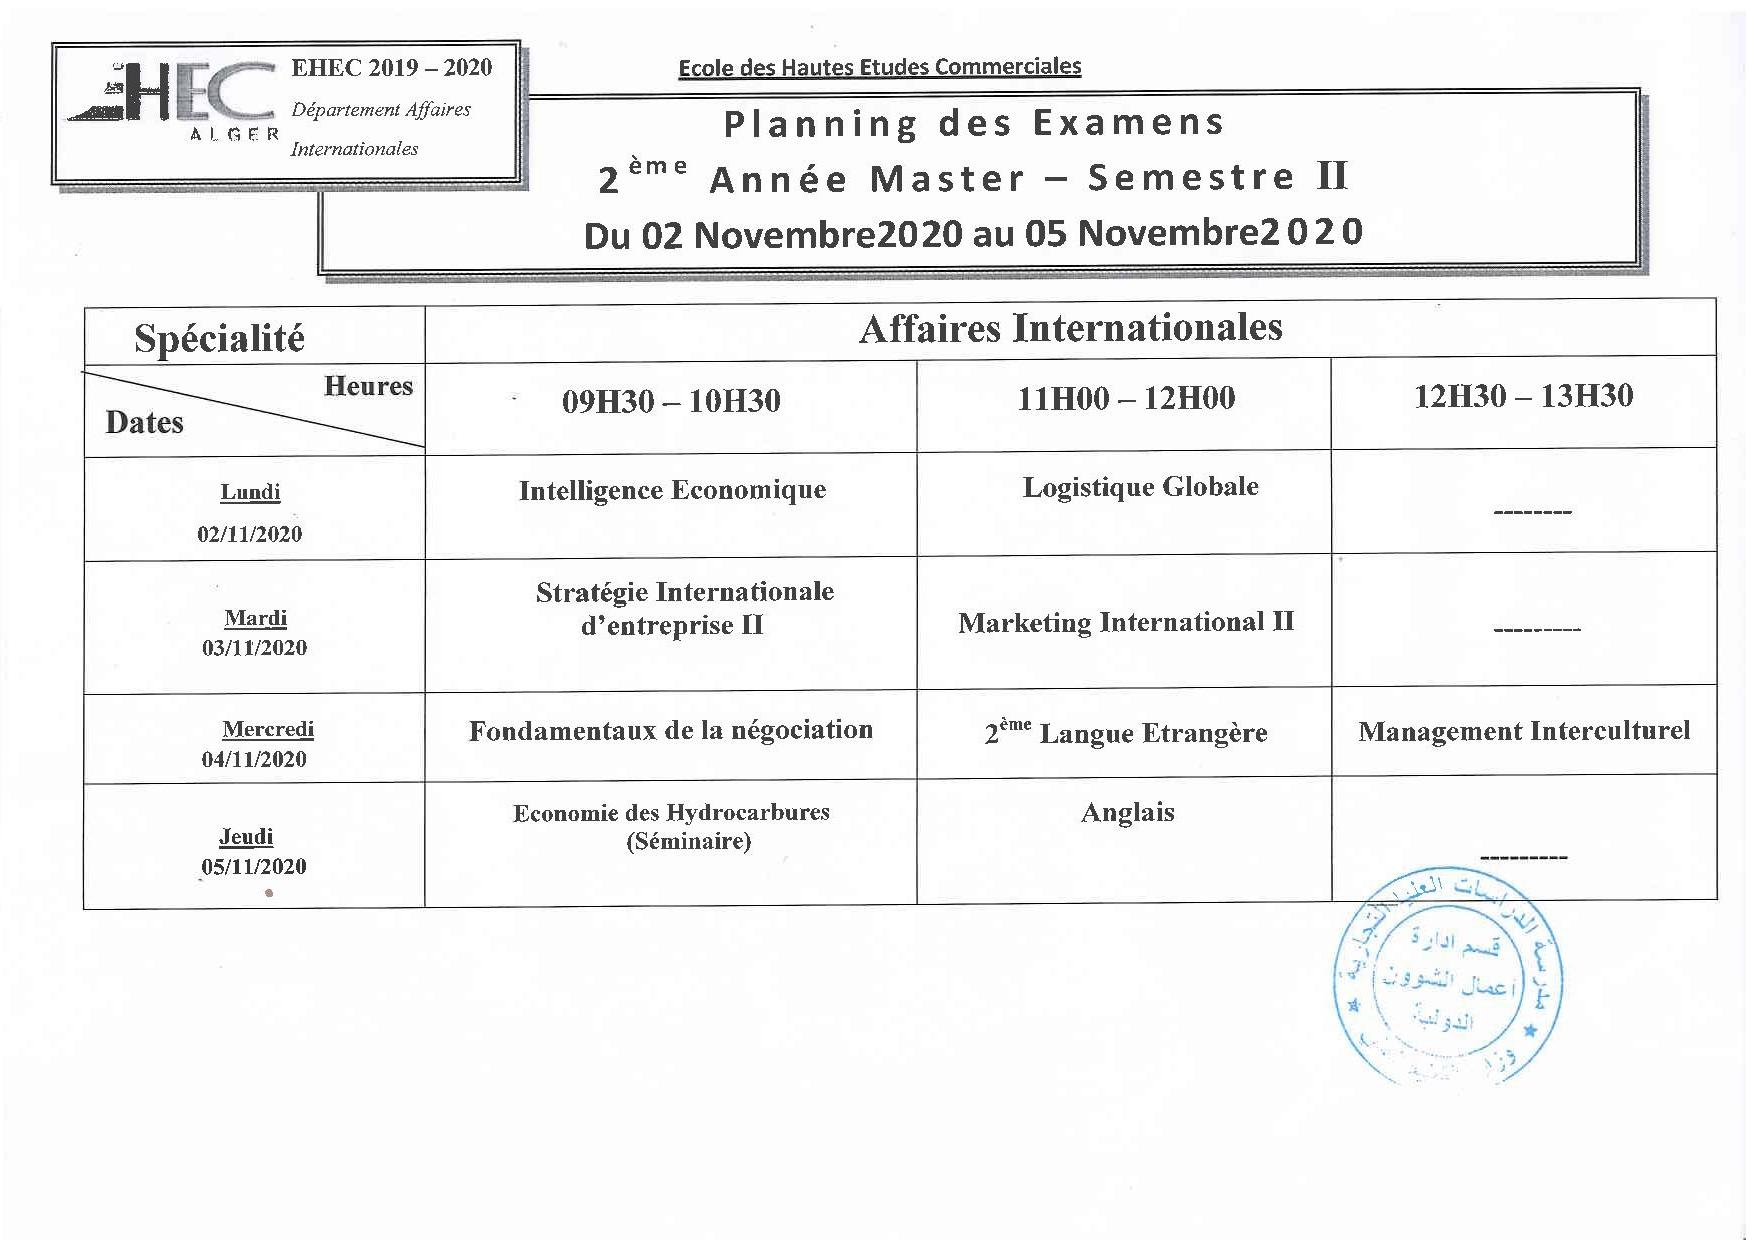 جدول امتحانات السنة الثانية ماستر الفصل الثاني